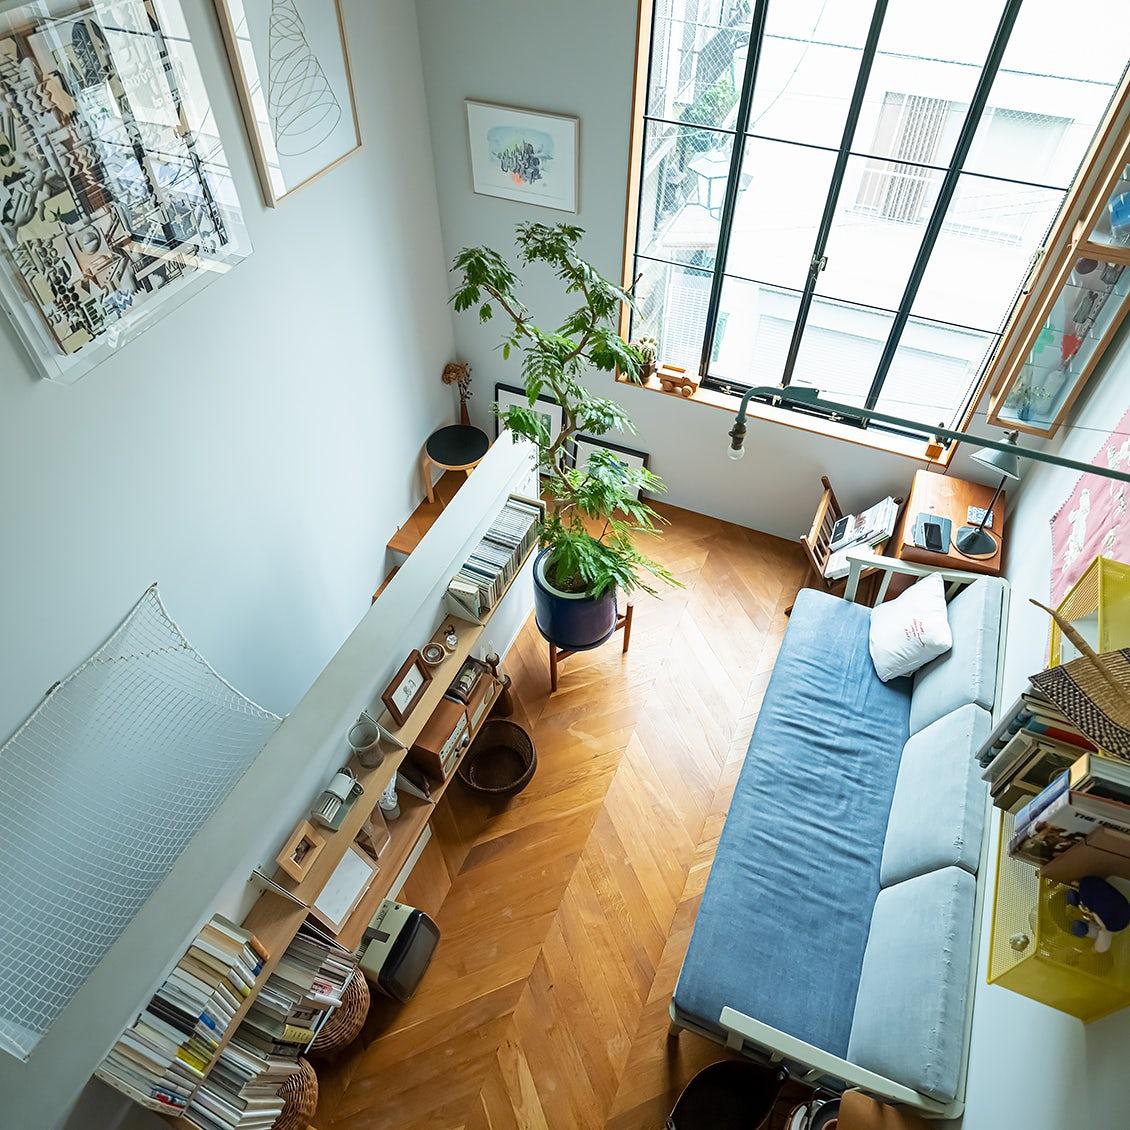 【商店街の小さな家】第1話:ずっと賃貸でいいと思っていたのに。36歳で家を建てた夫婦の話